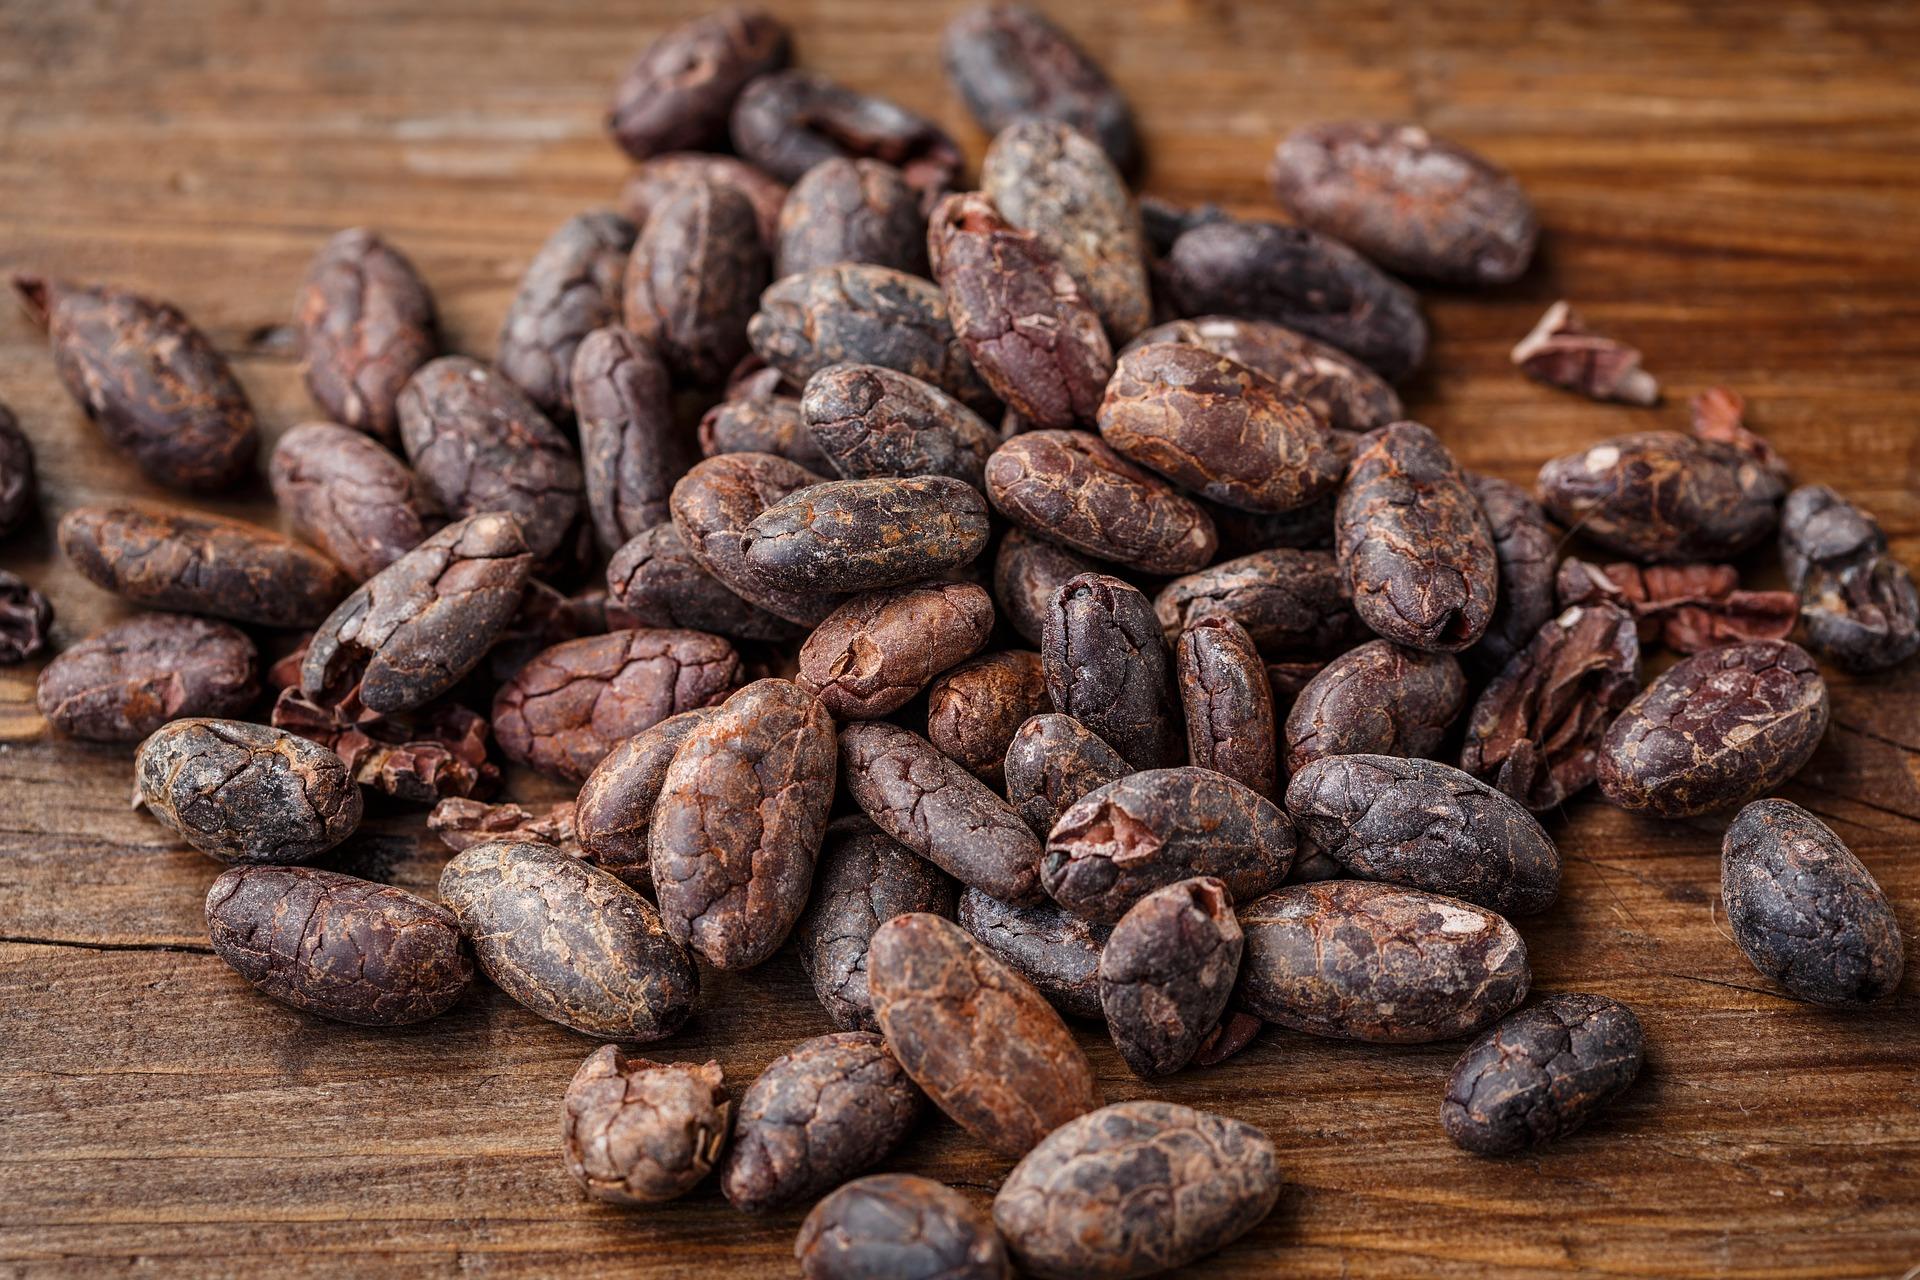 cacao-bean-2522918_1920.jpg